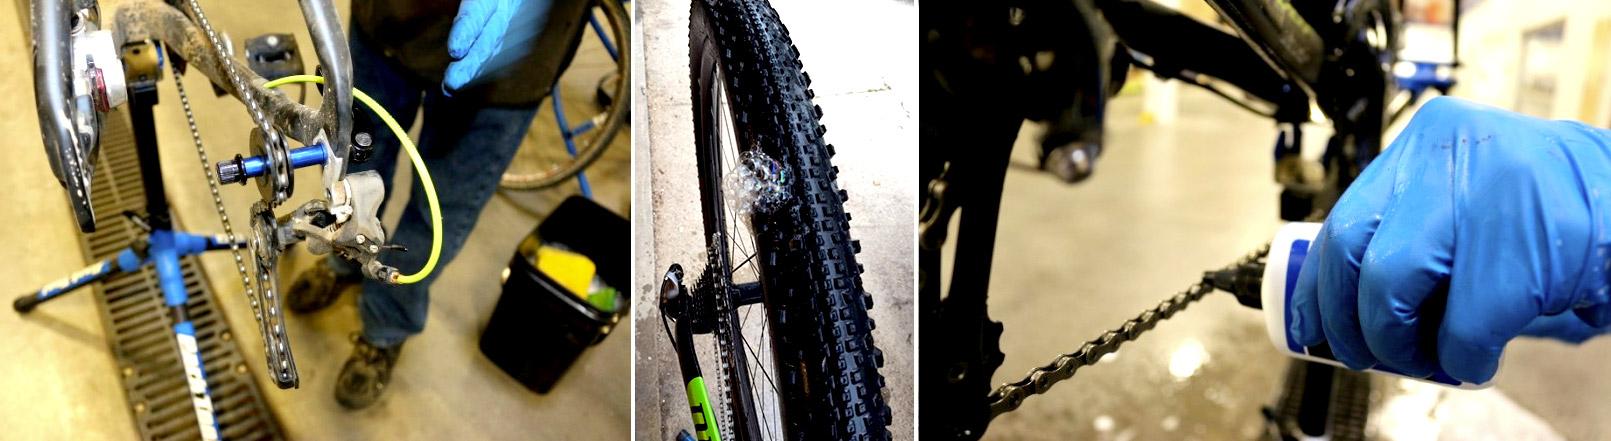 clean-bike